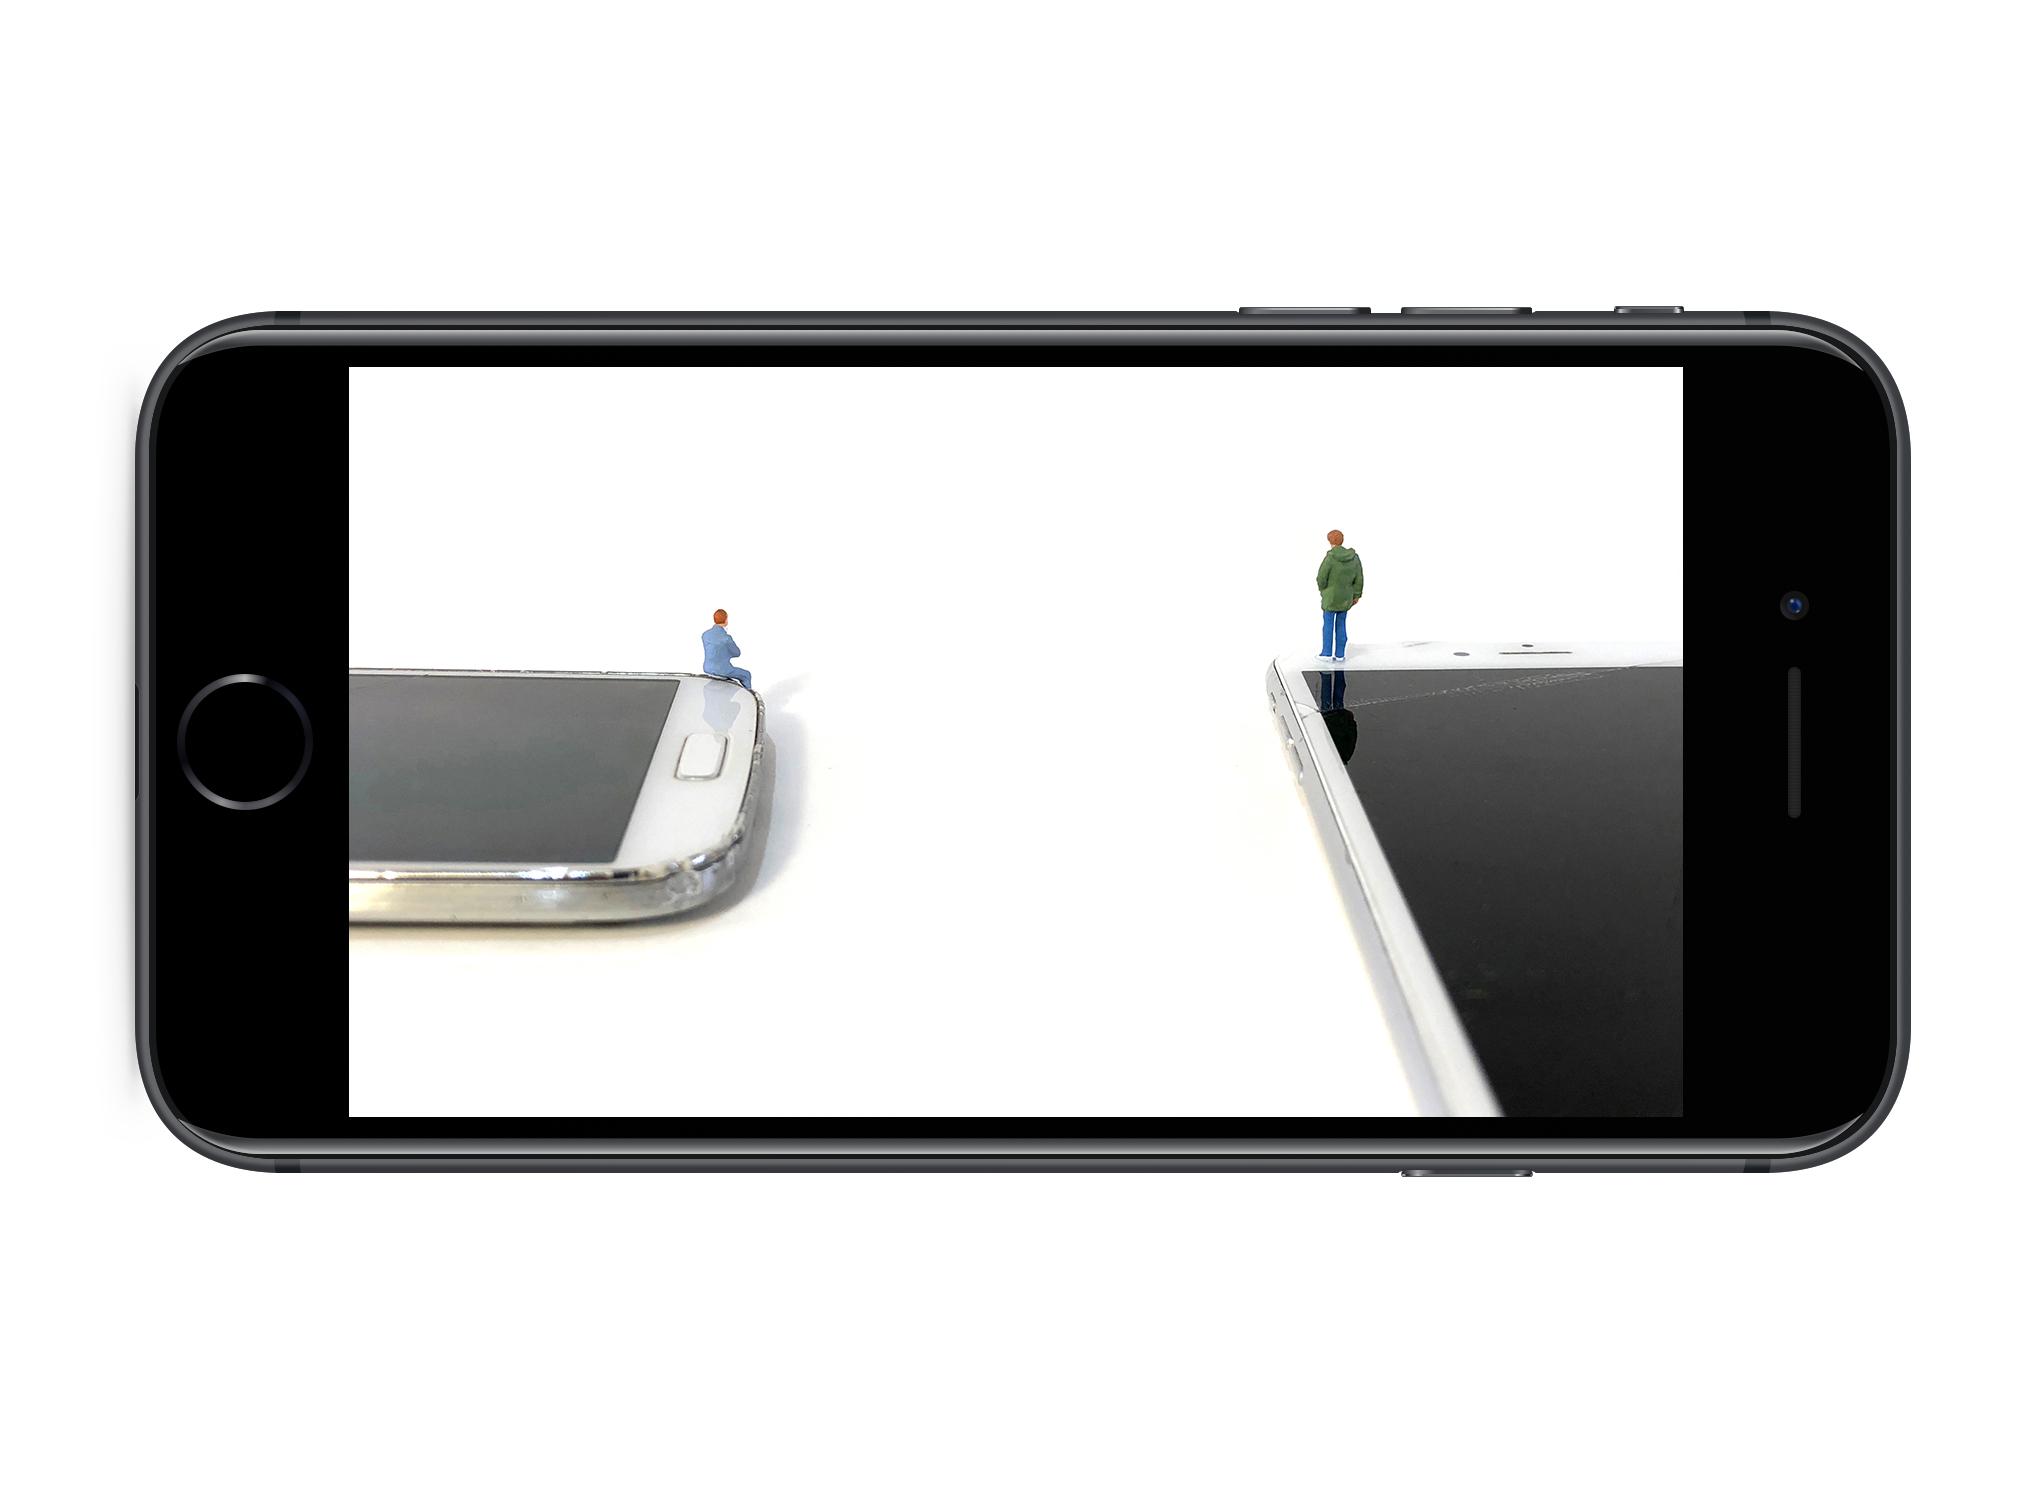 Iphone7a.jpg